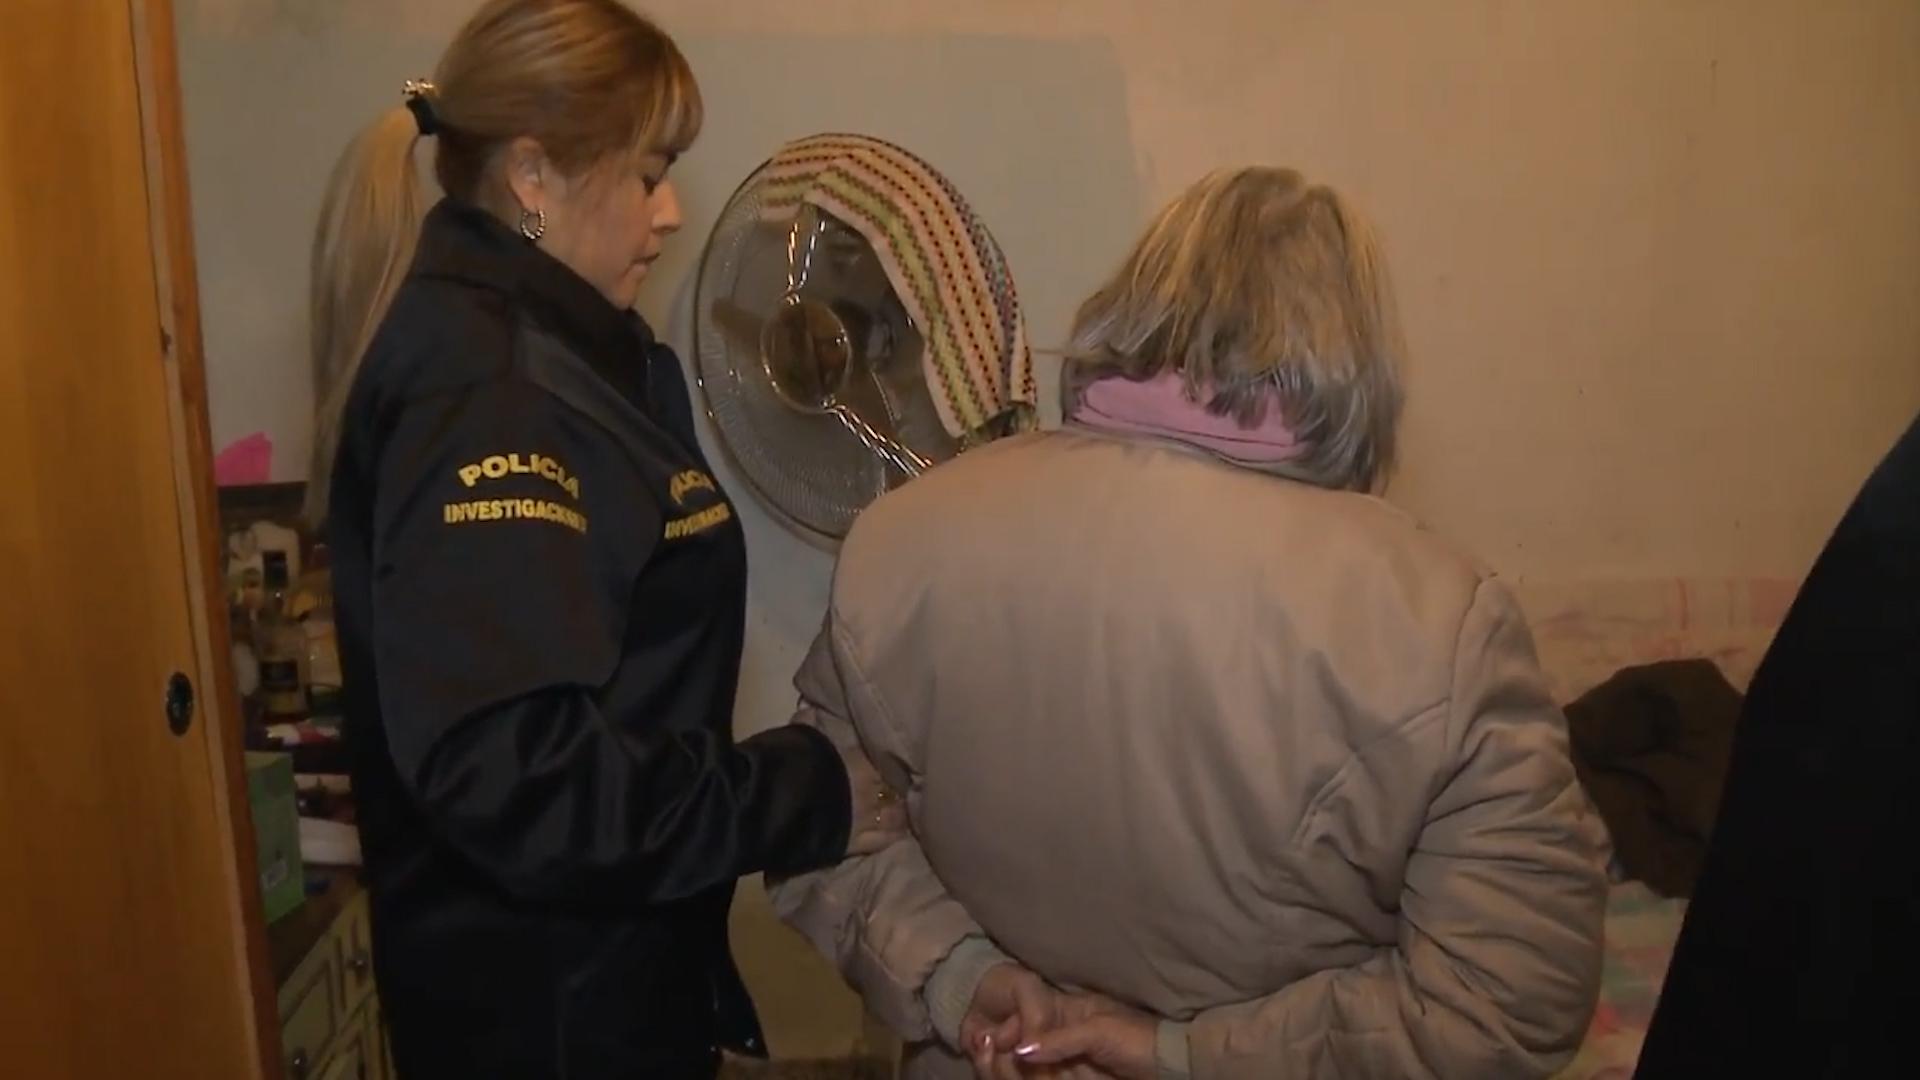 La detención fue realizada por la Policía de la Provincia de Buenos Aires